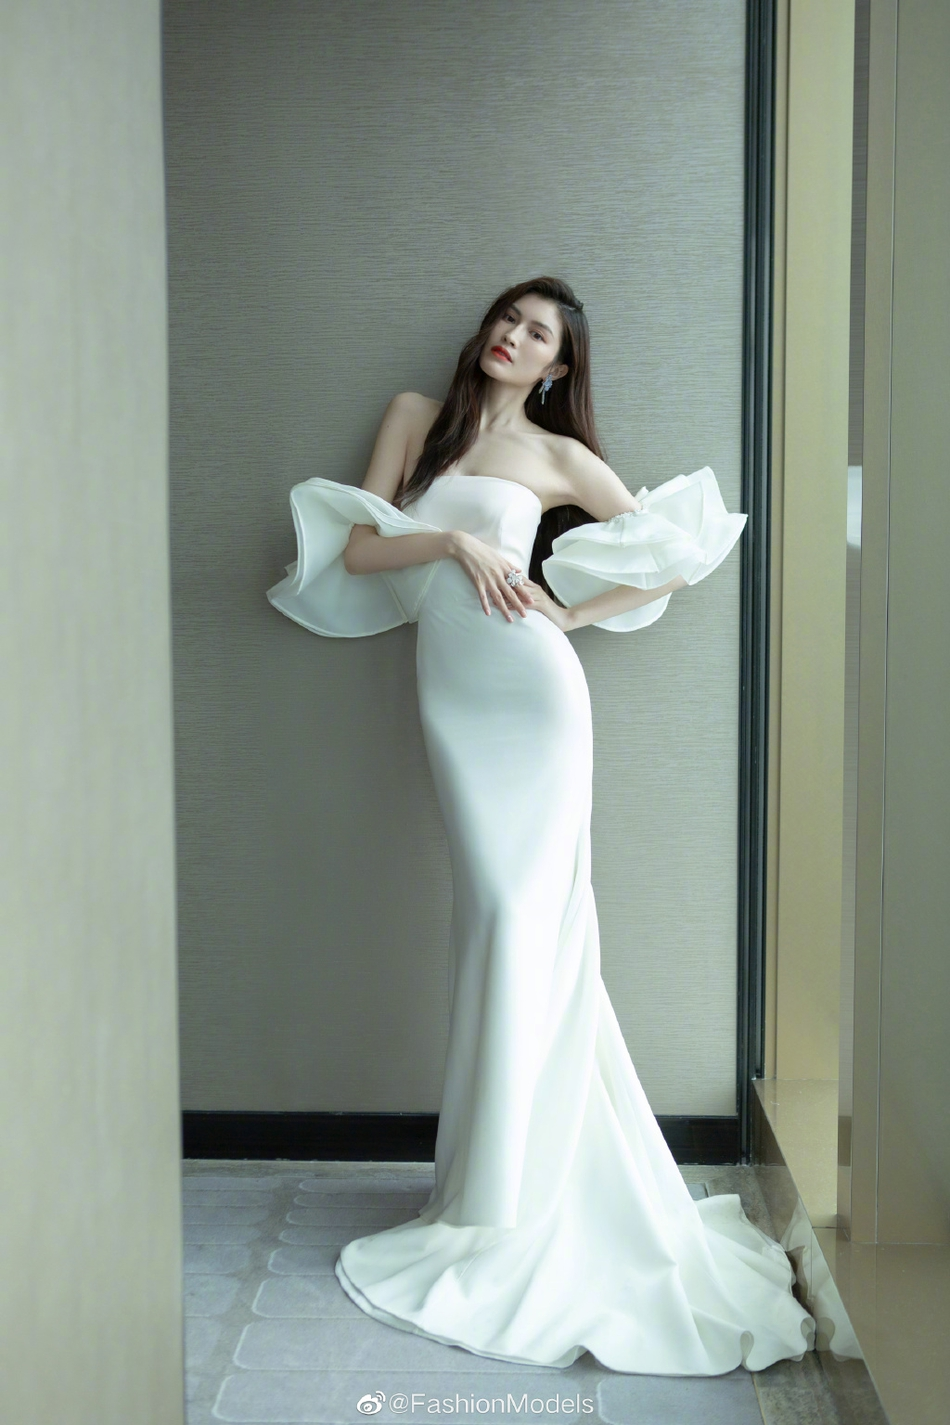 白色抹胸荷叶边鱼尾裙,在人群